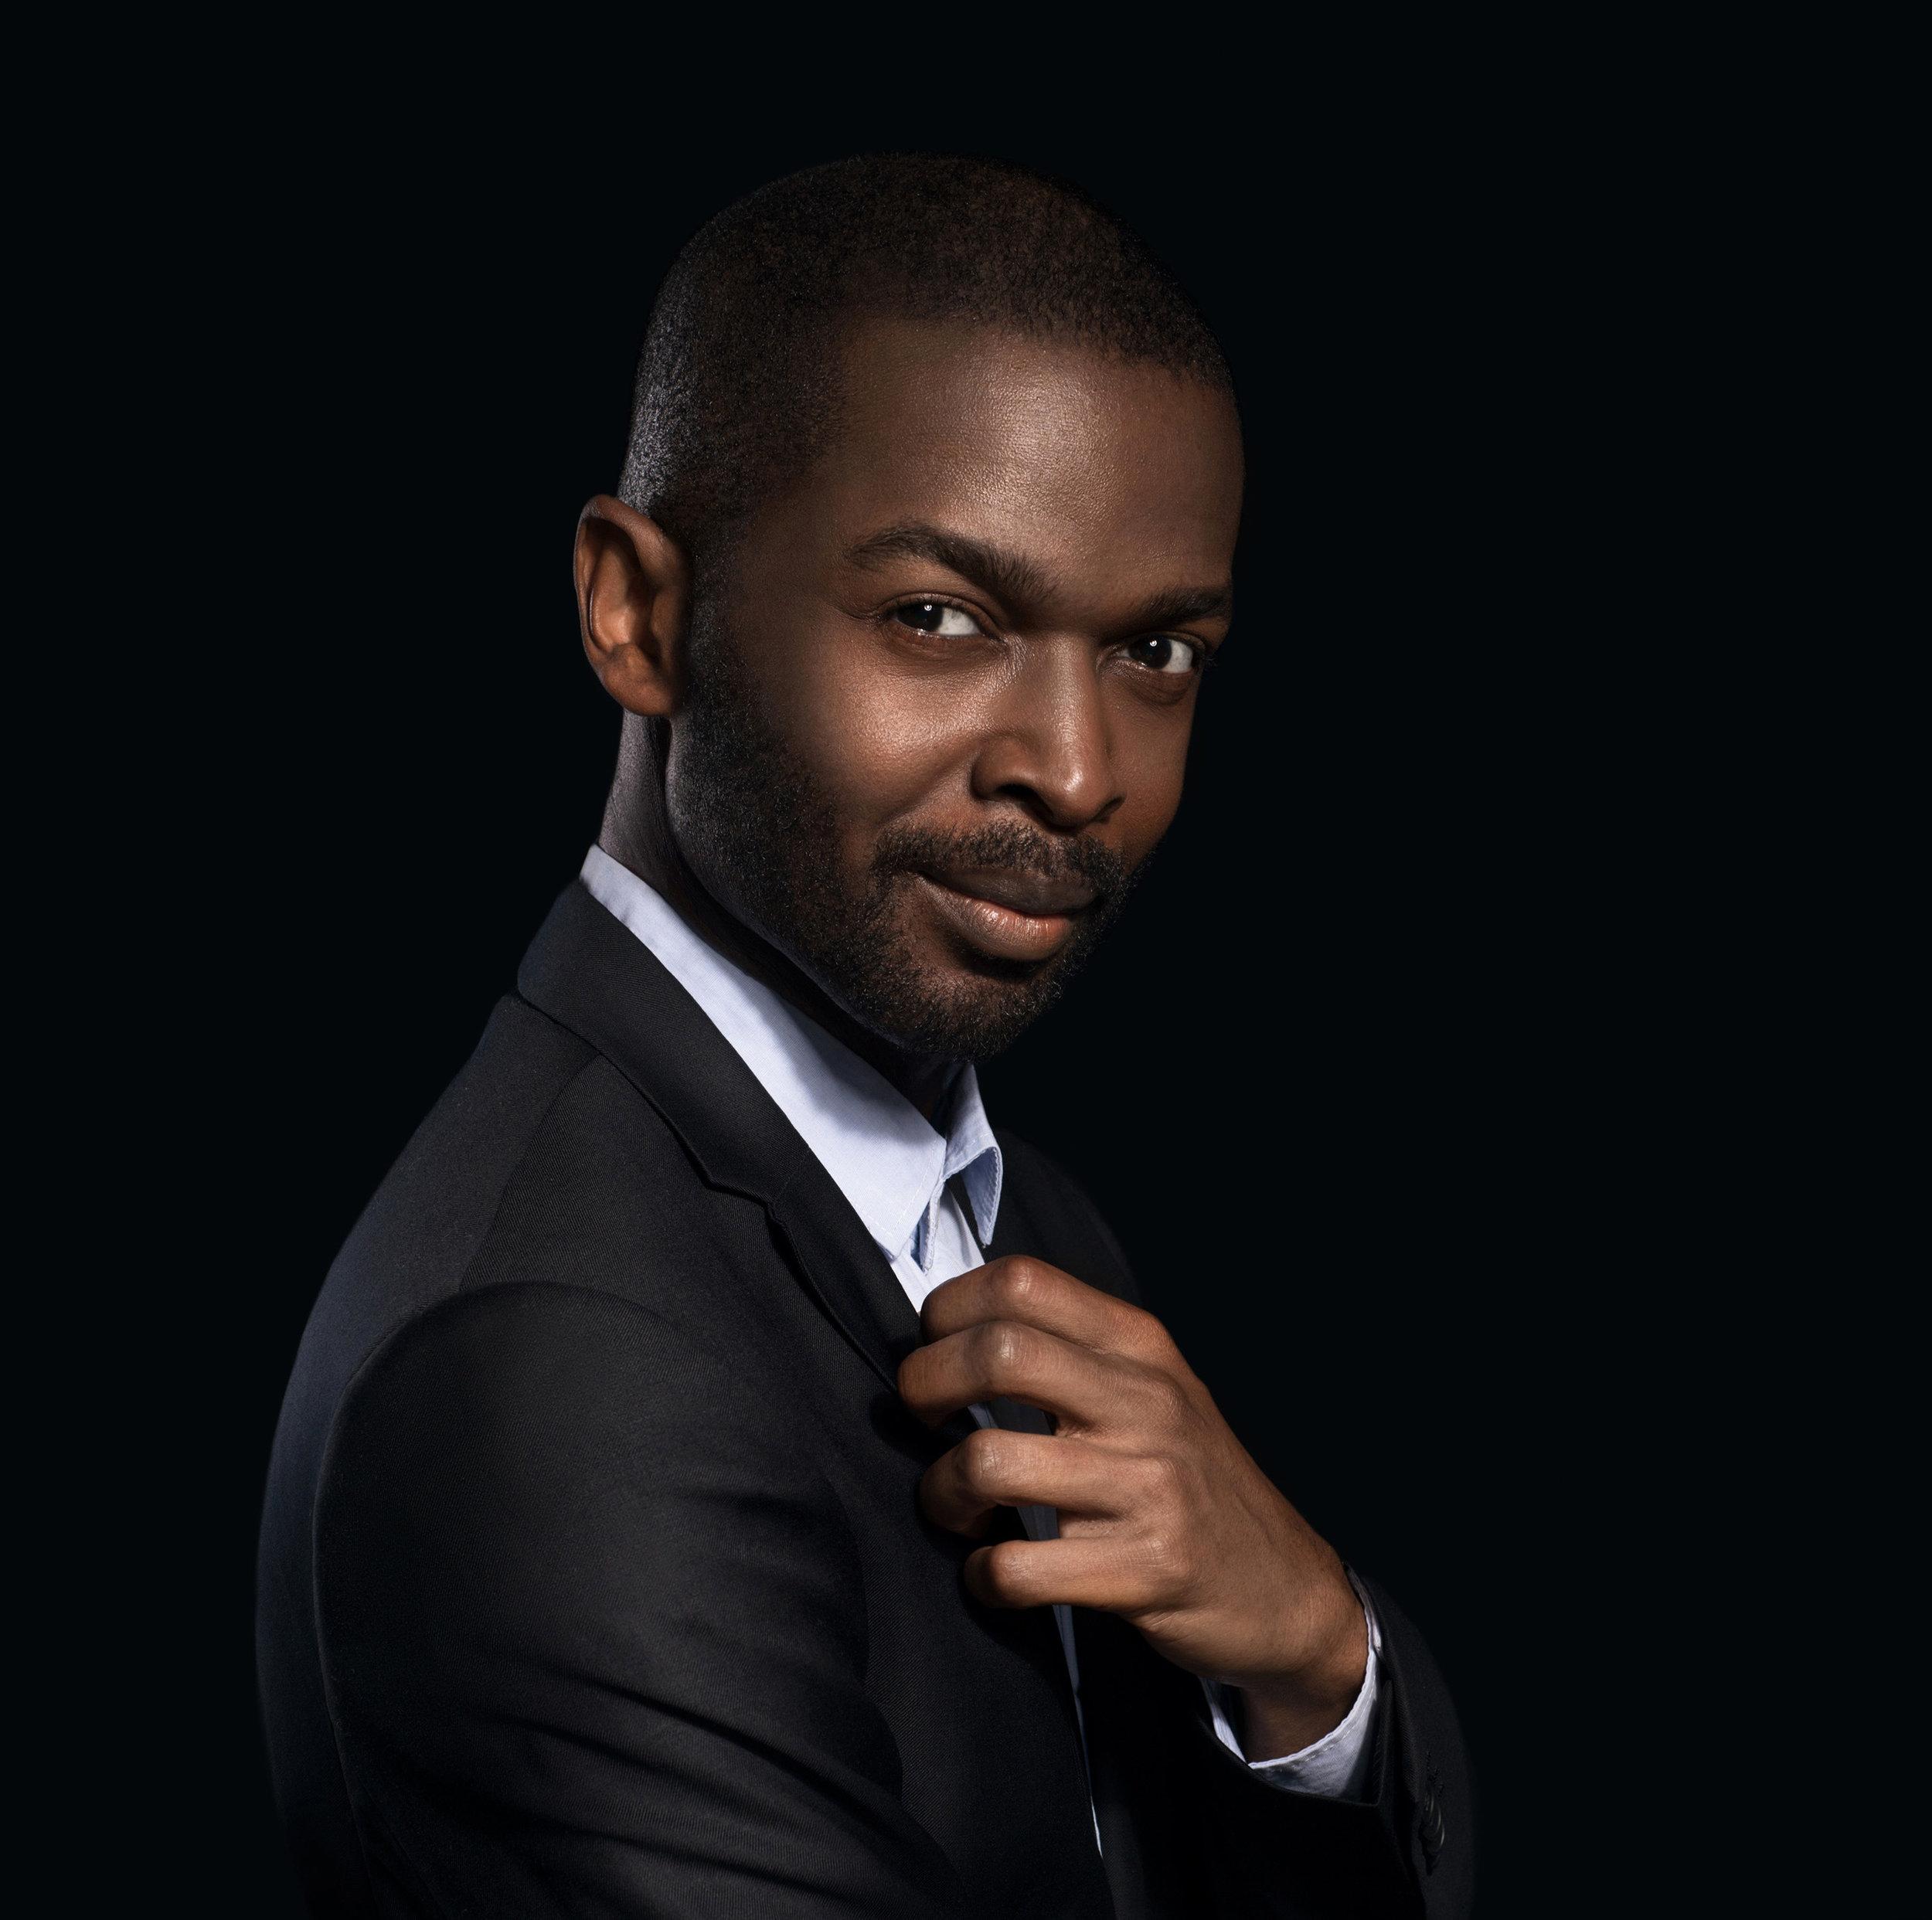 Le visionnaire Camerounais & la creation de Vogue Africa. -